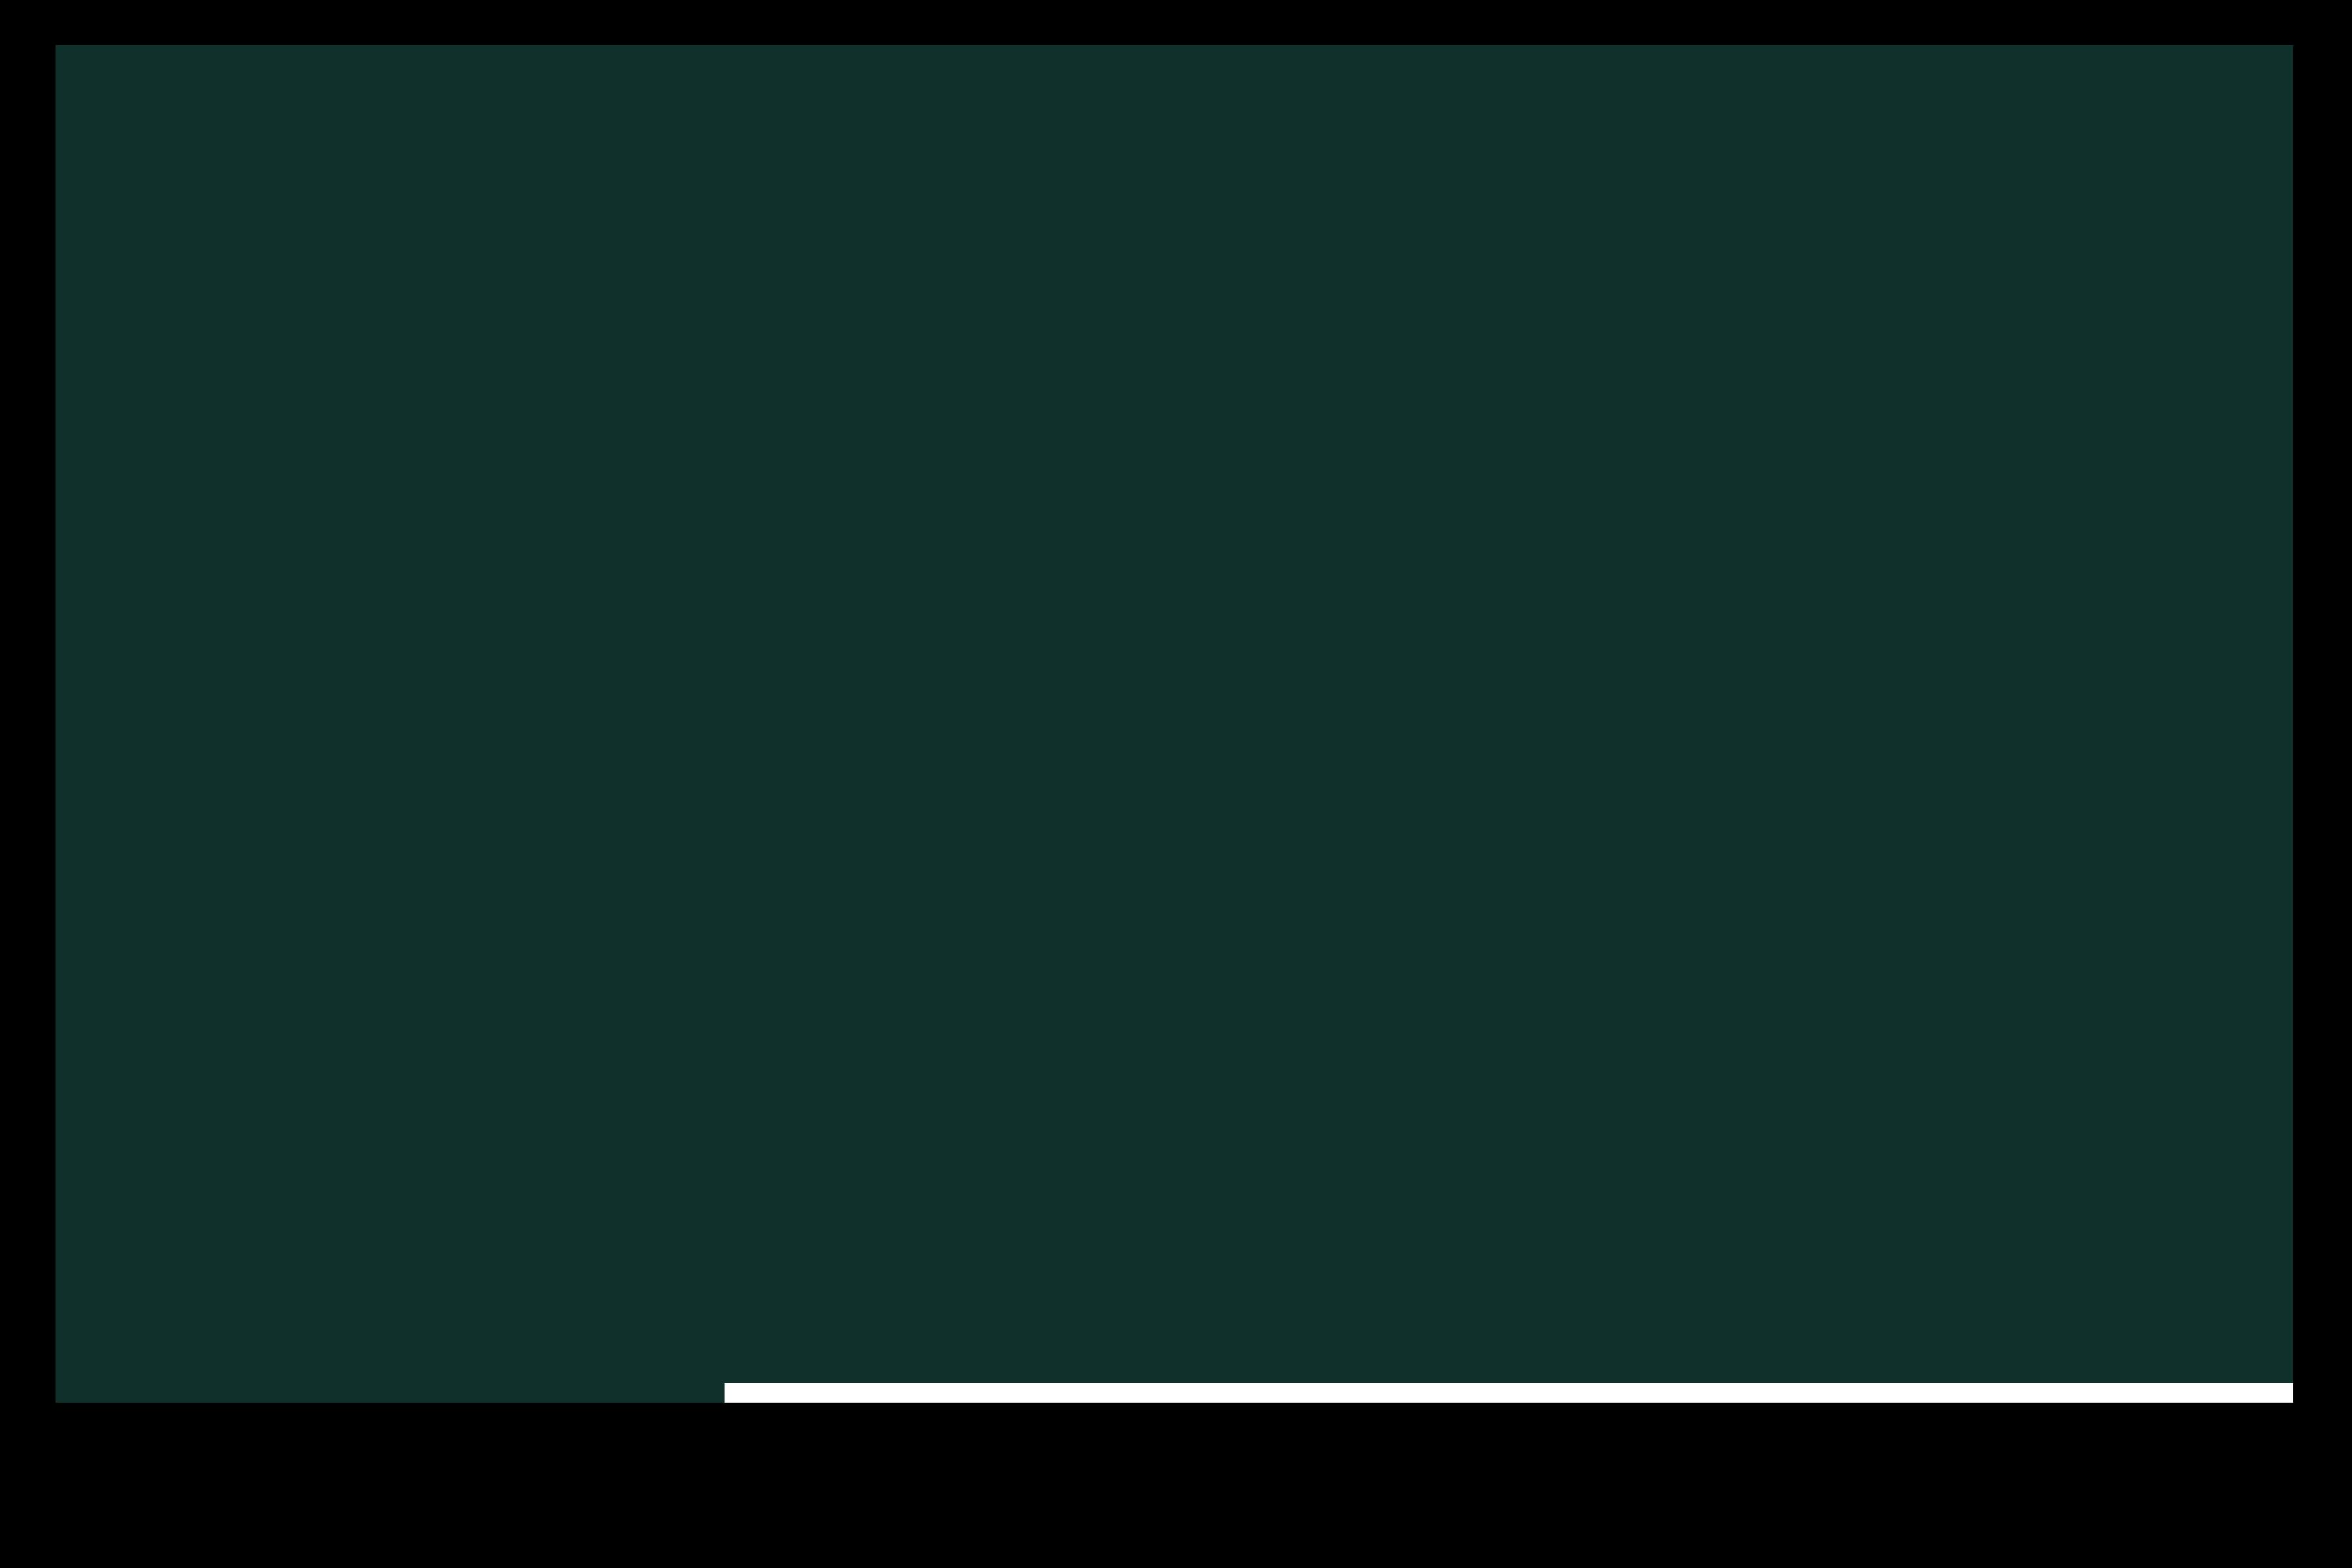 Saucy Brew Works Logo - Green